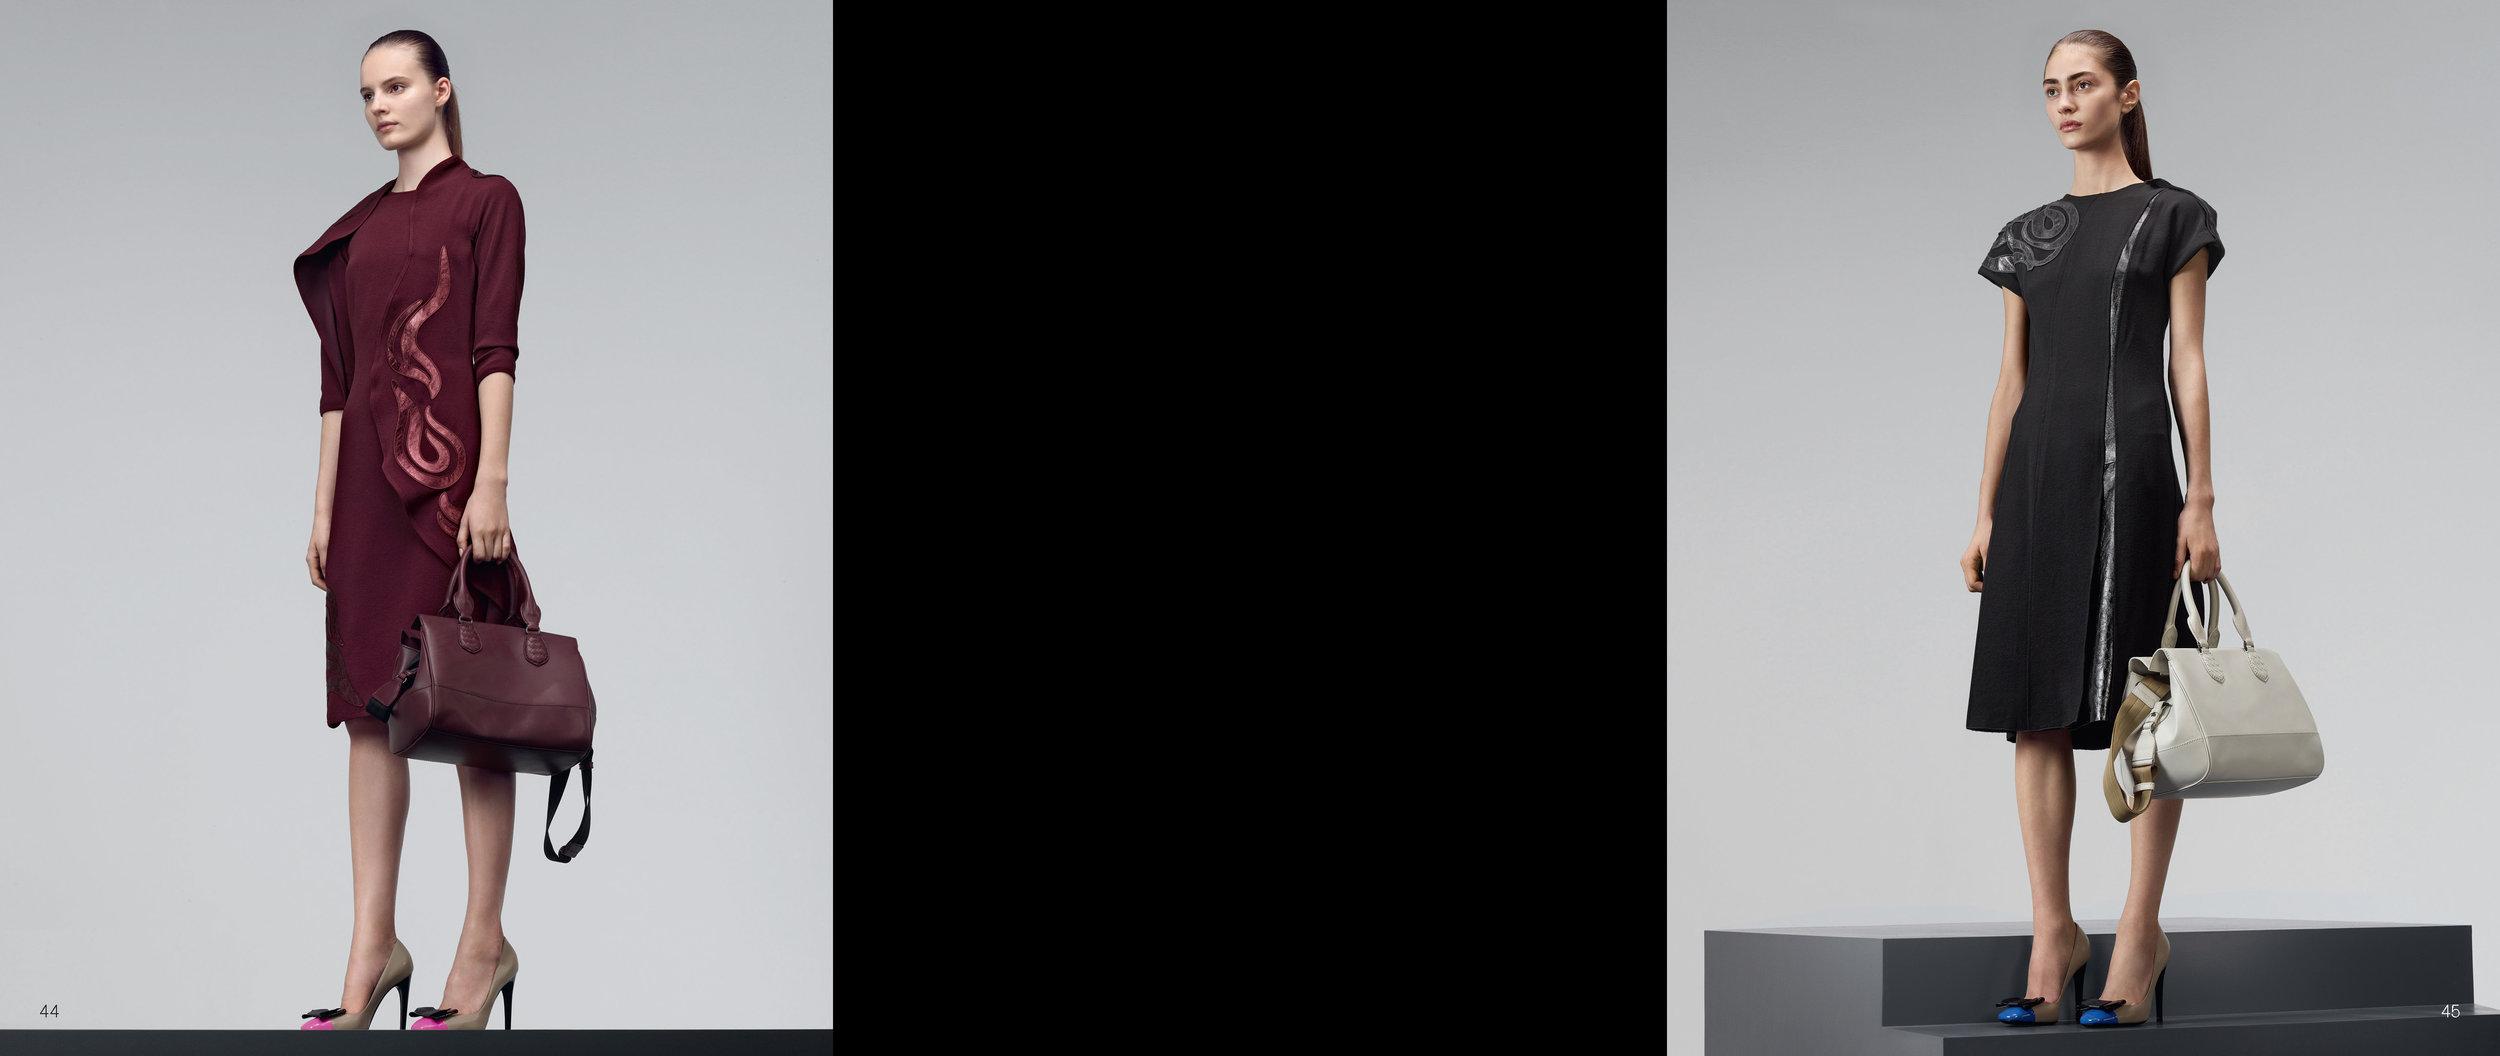 BVI1606 interni W'S EF 2014 ok_Page_23.jpg